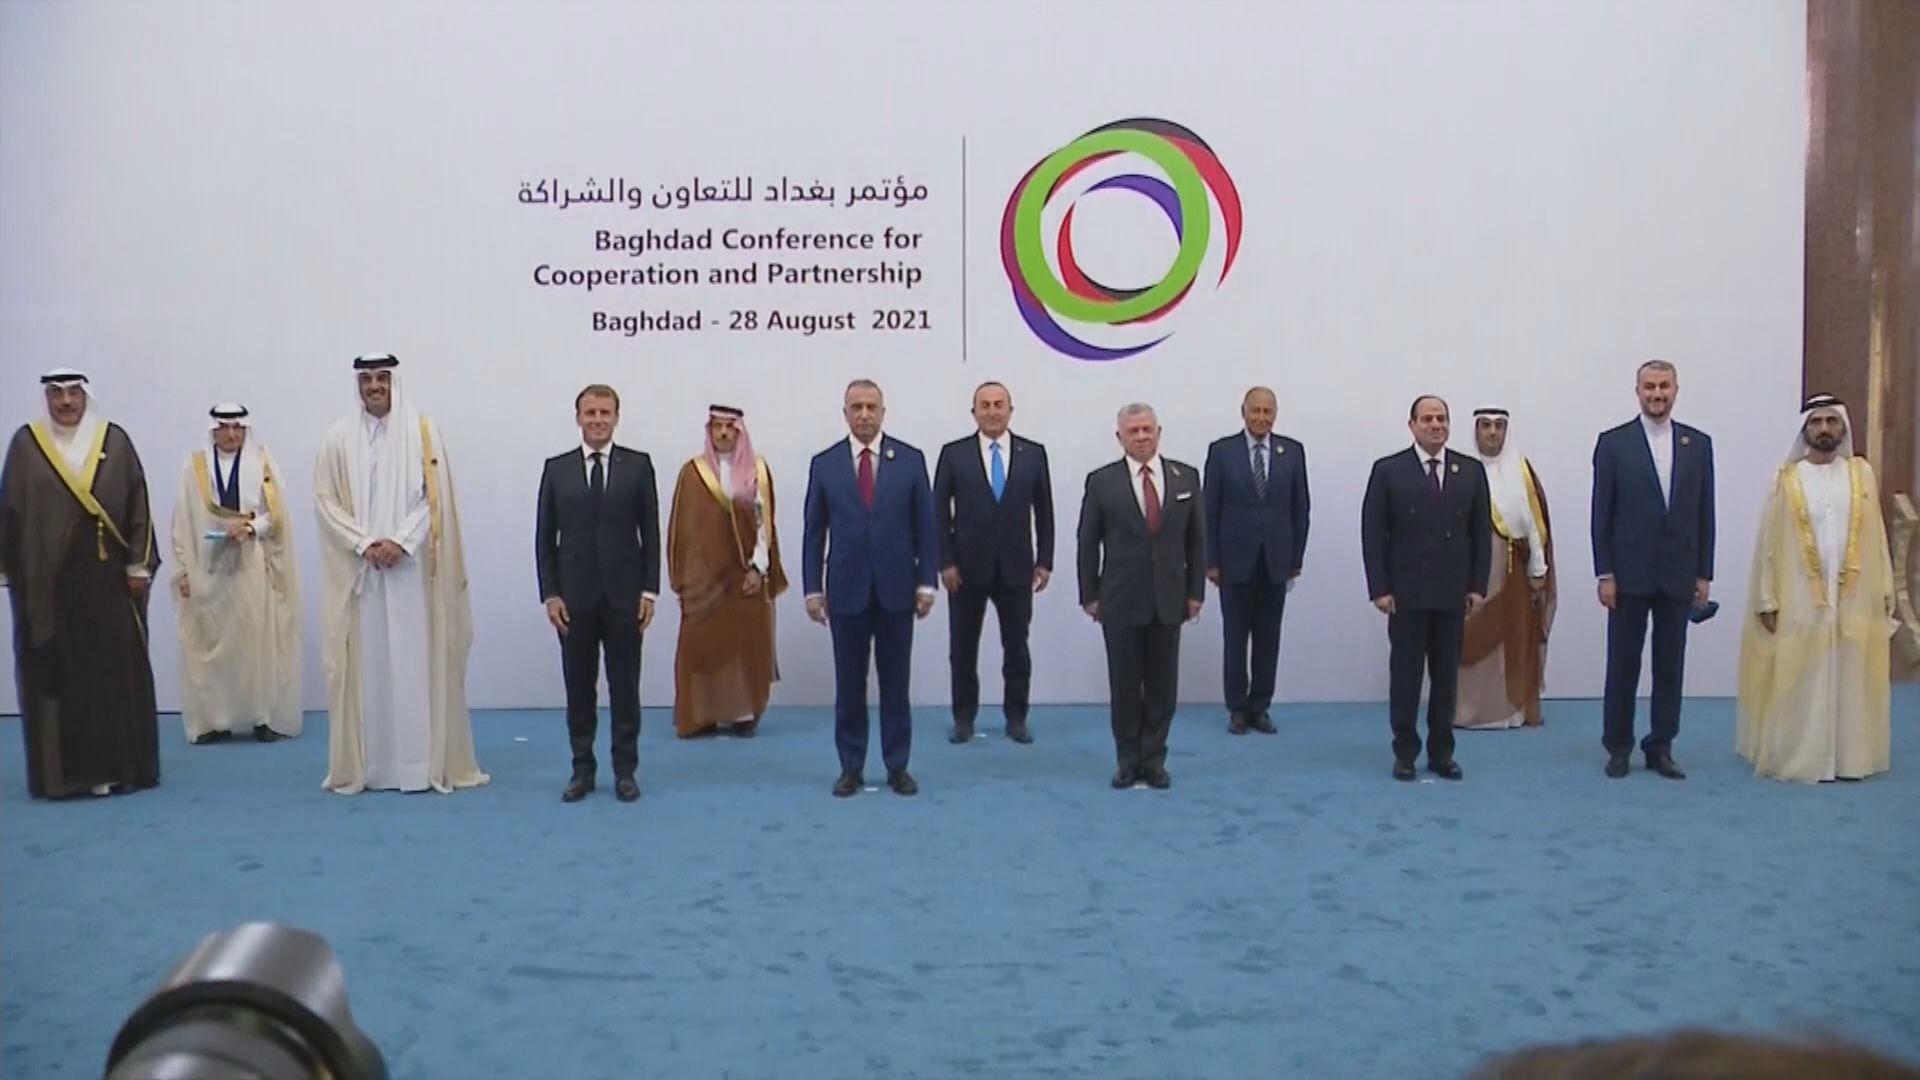 伊拉克舉行中東地區峰會 法國總統馬克龍有份參與